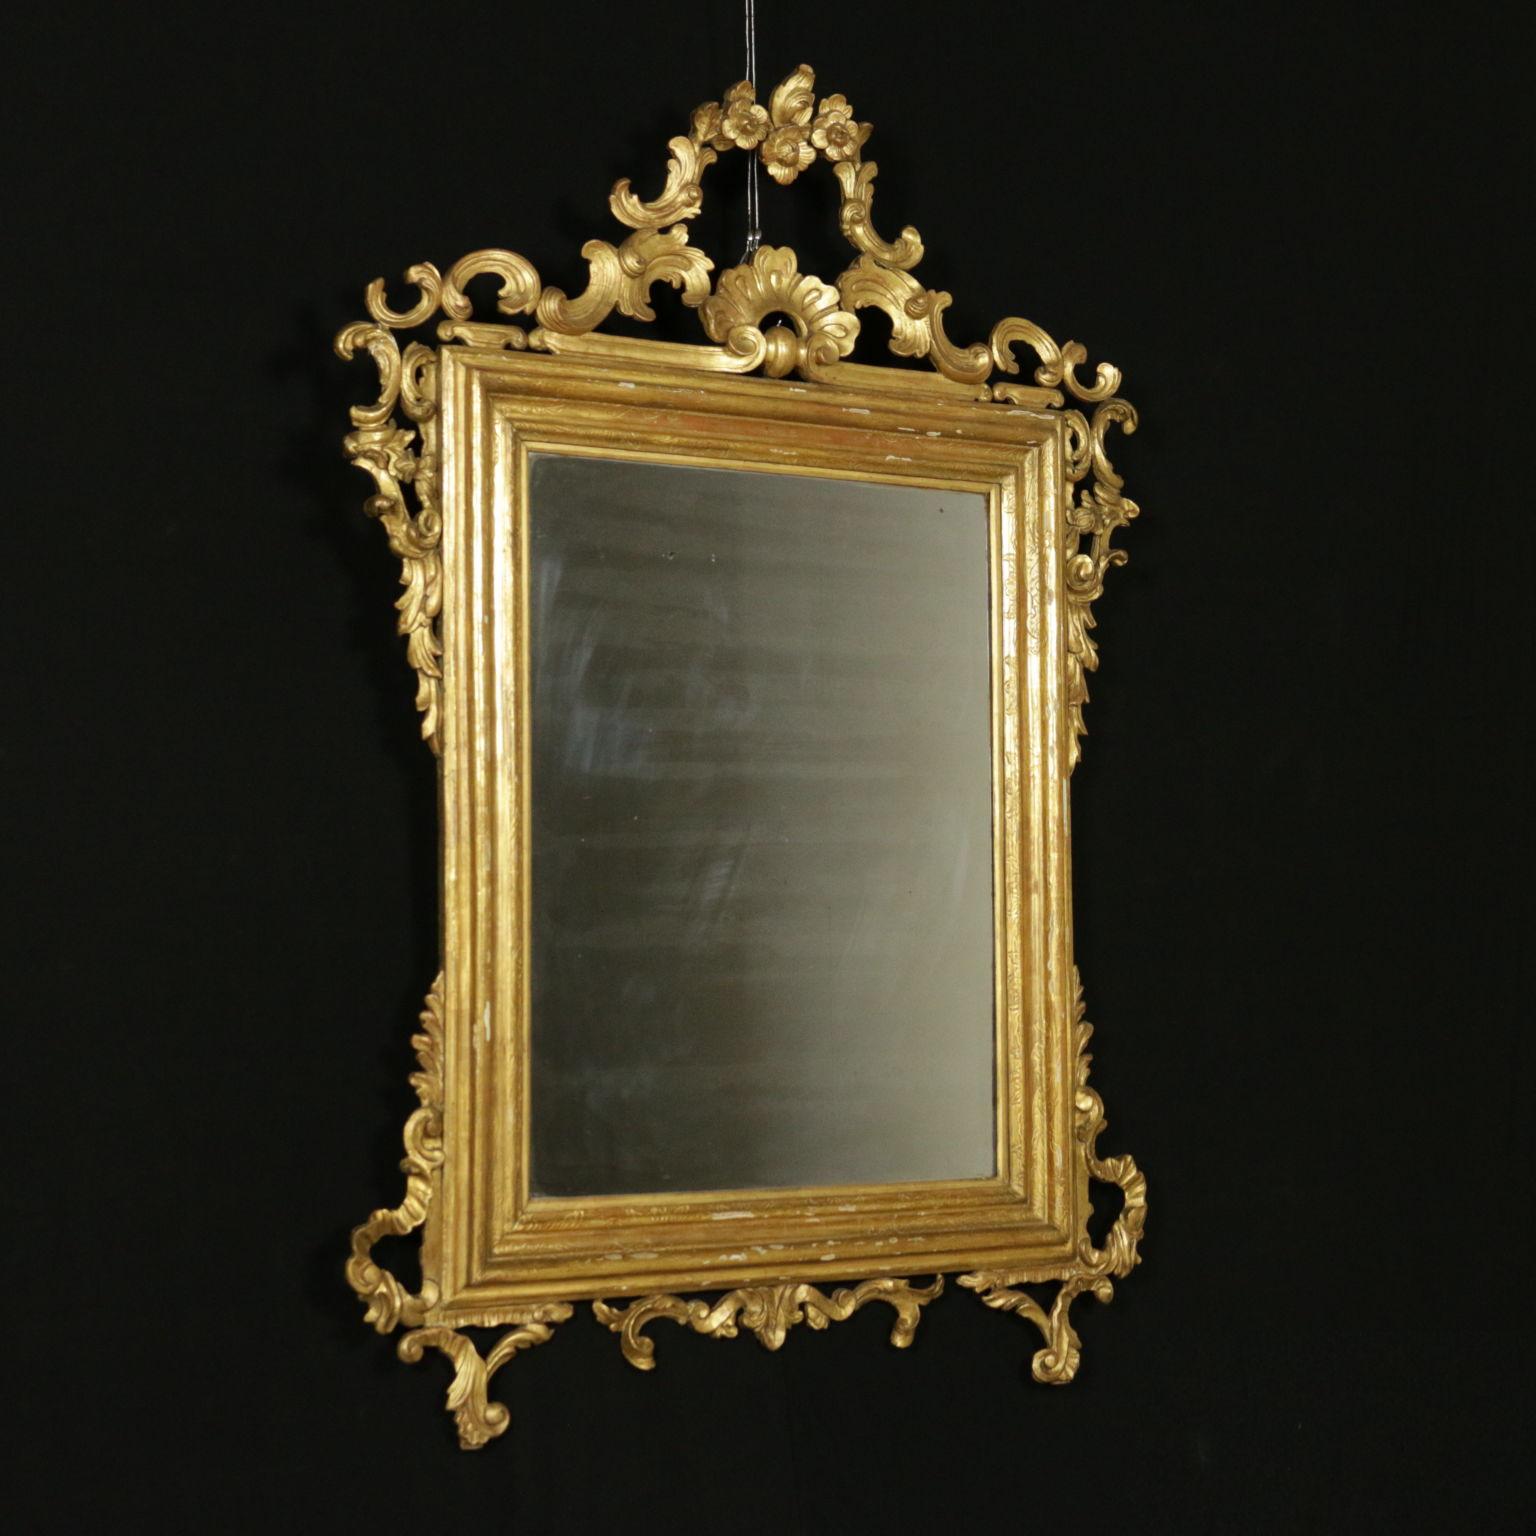 Specchiera dorata specchi e cornici antiquariato - Specchio con cornice dorata ...